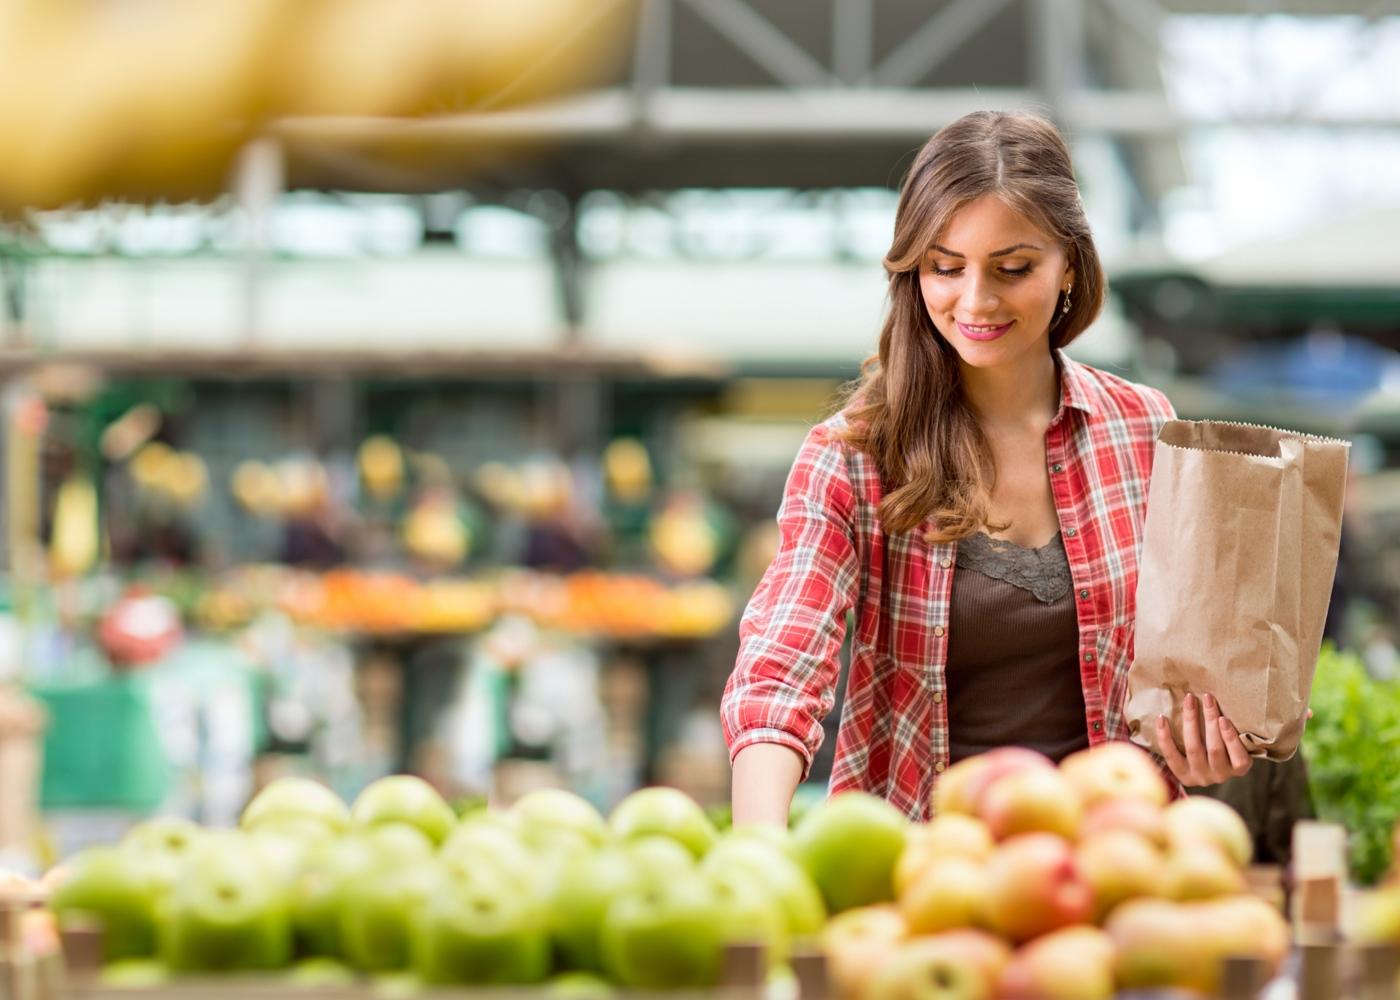 Alimentos que deve e não deve comprar: mulher a escolher frutas e legumes no supermercado